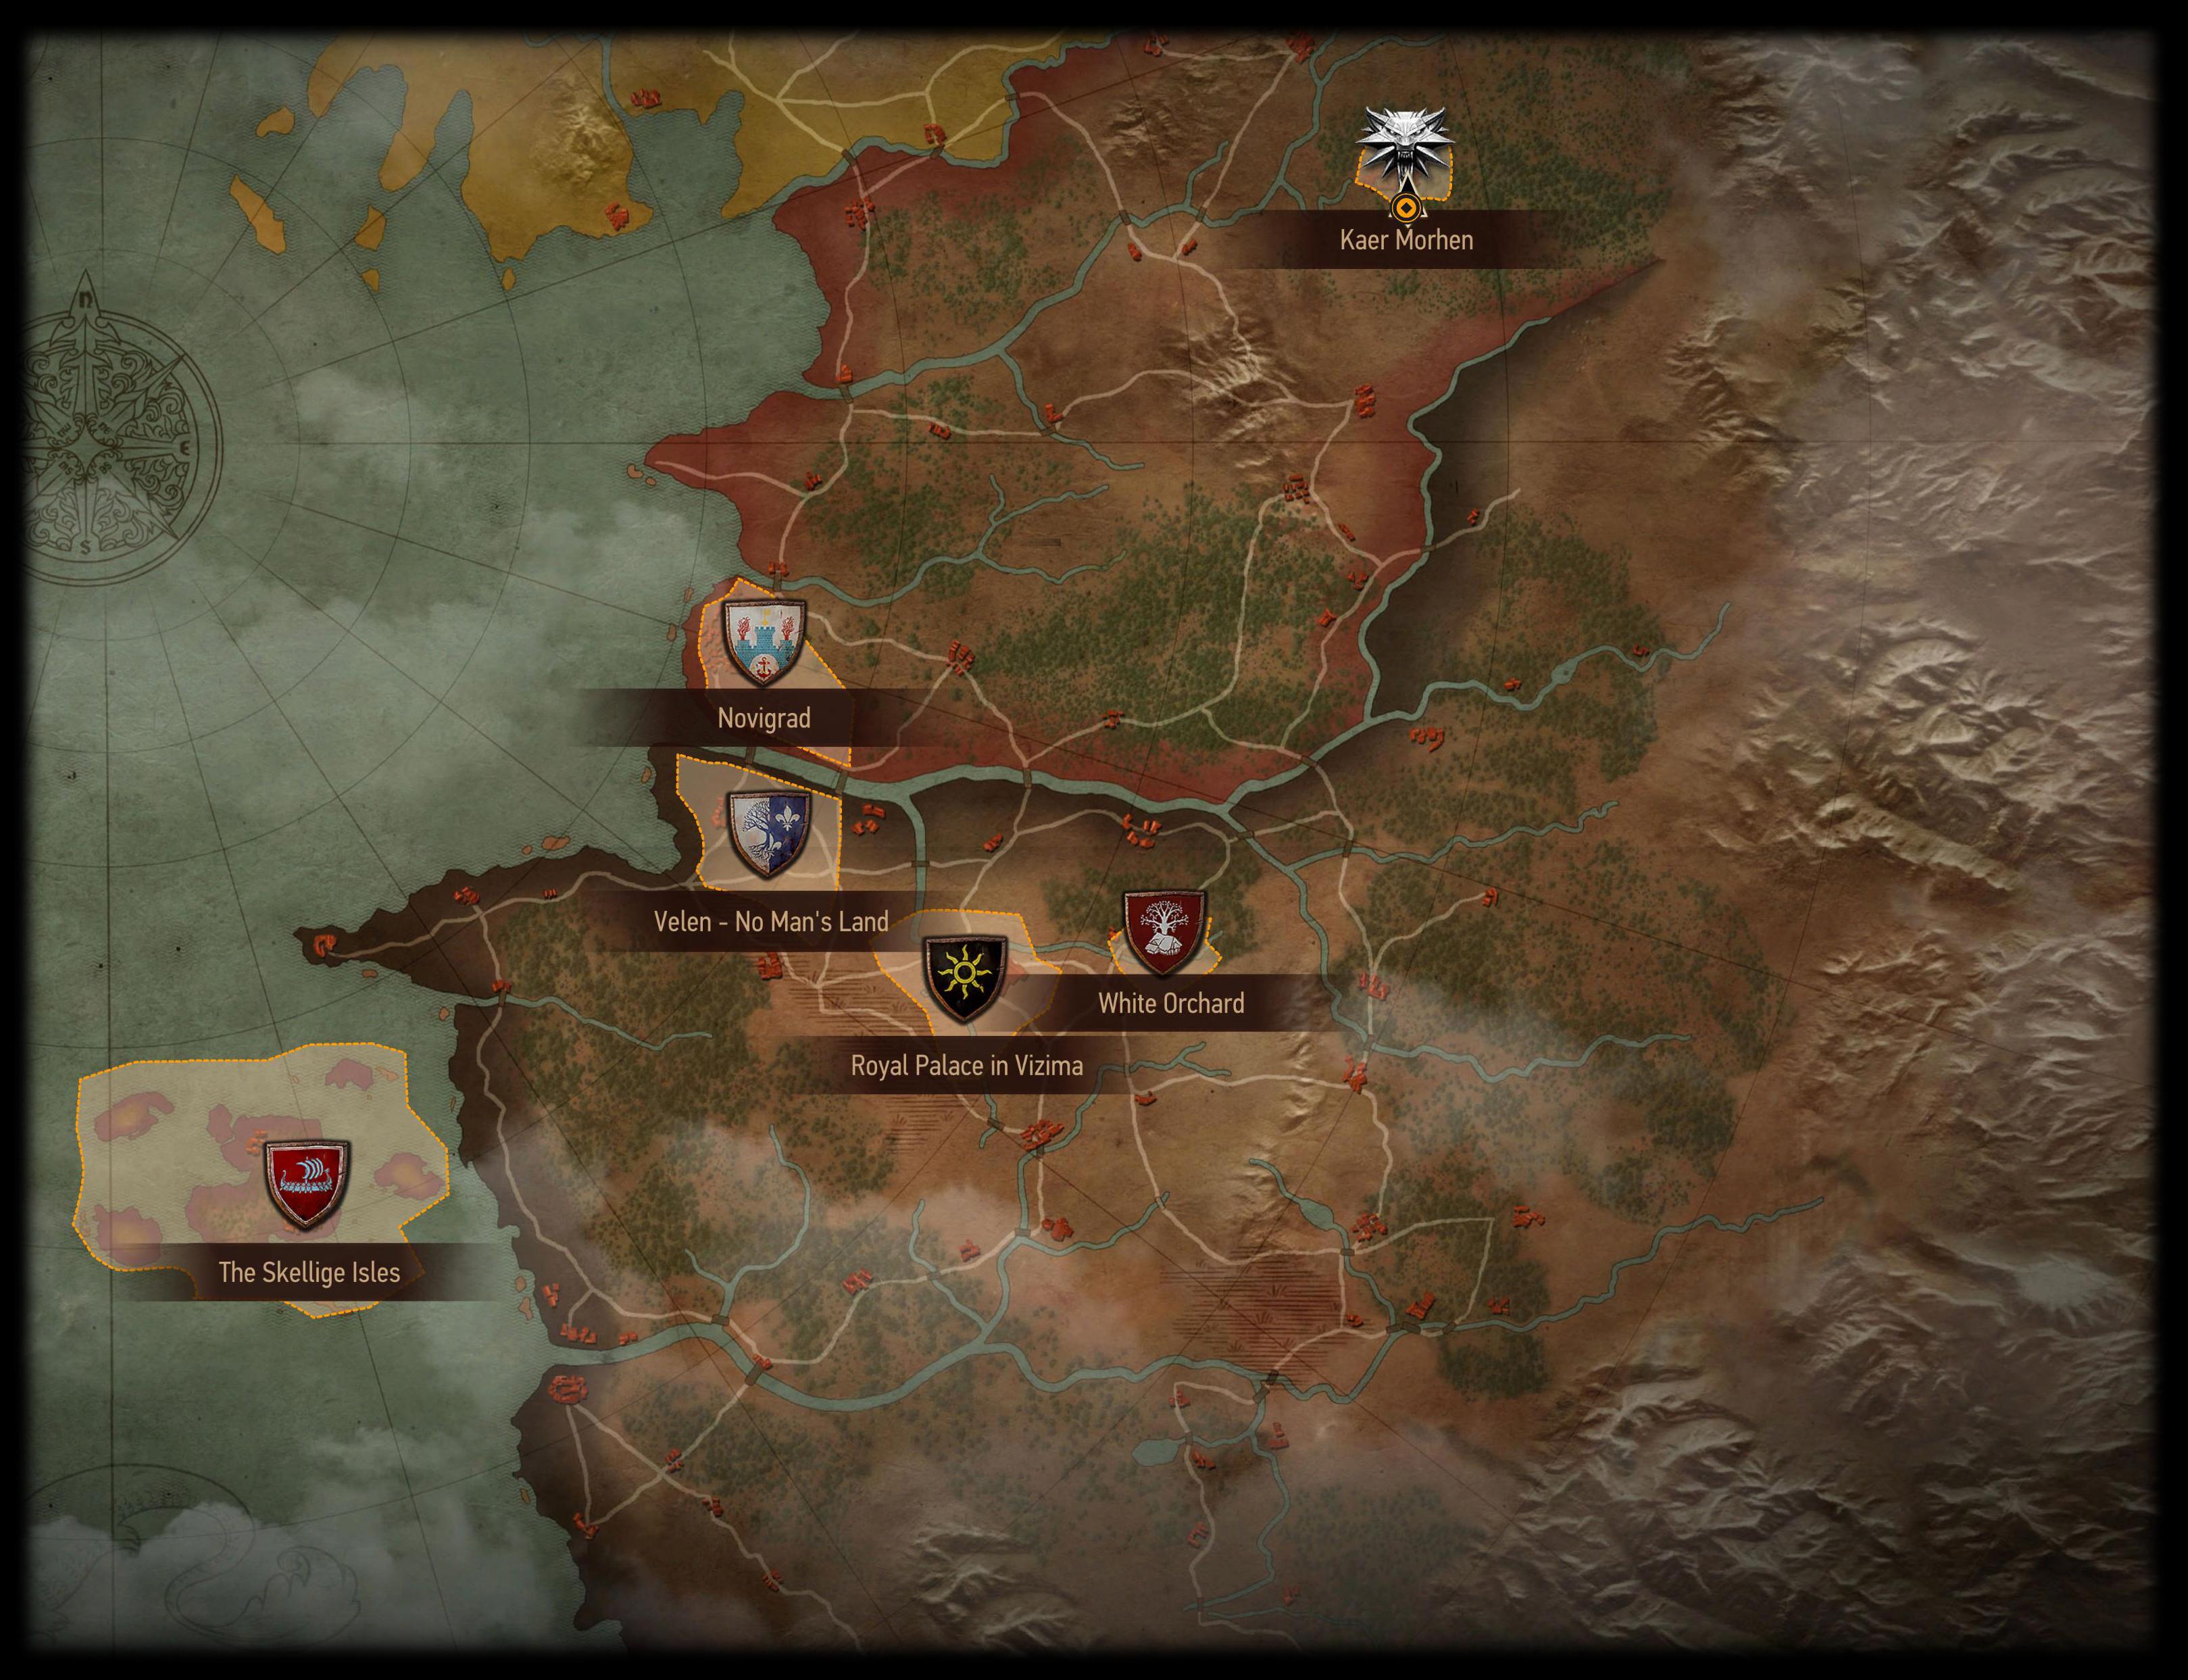 The Witcher 3 locations | Witcher Wiki | FANDOM powered by Wikia